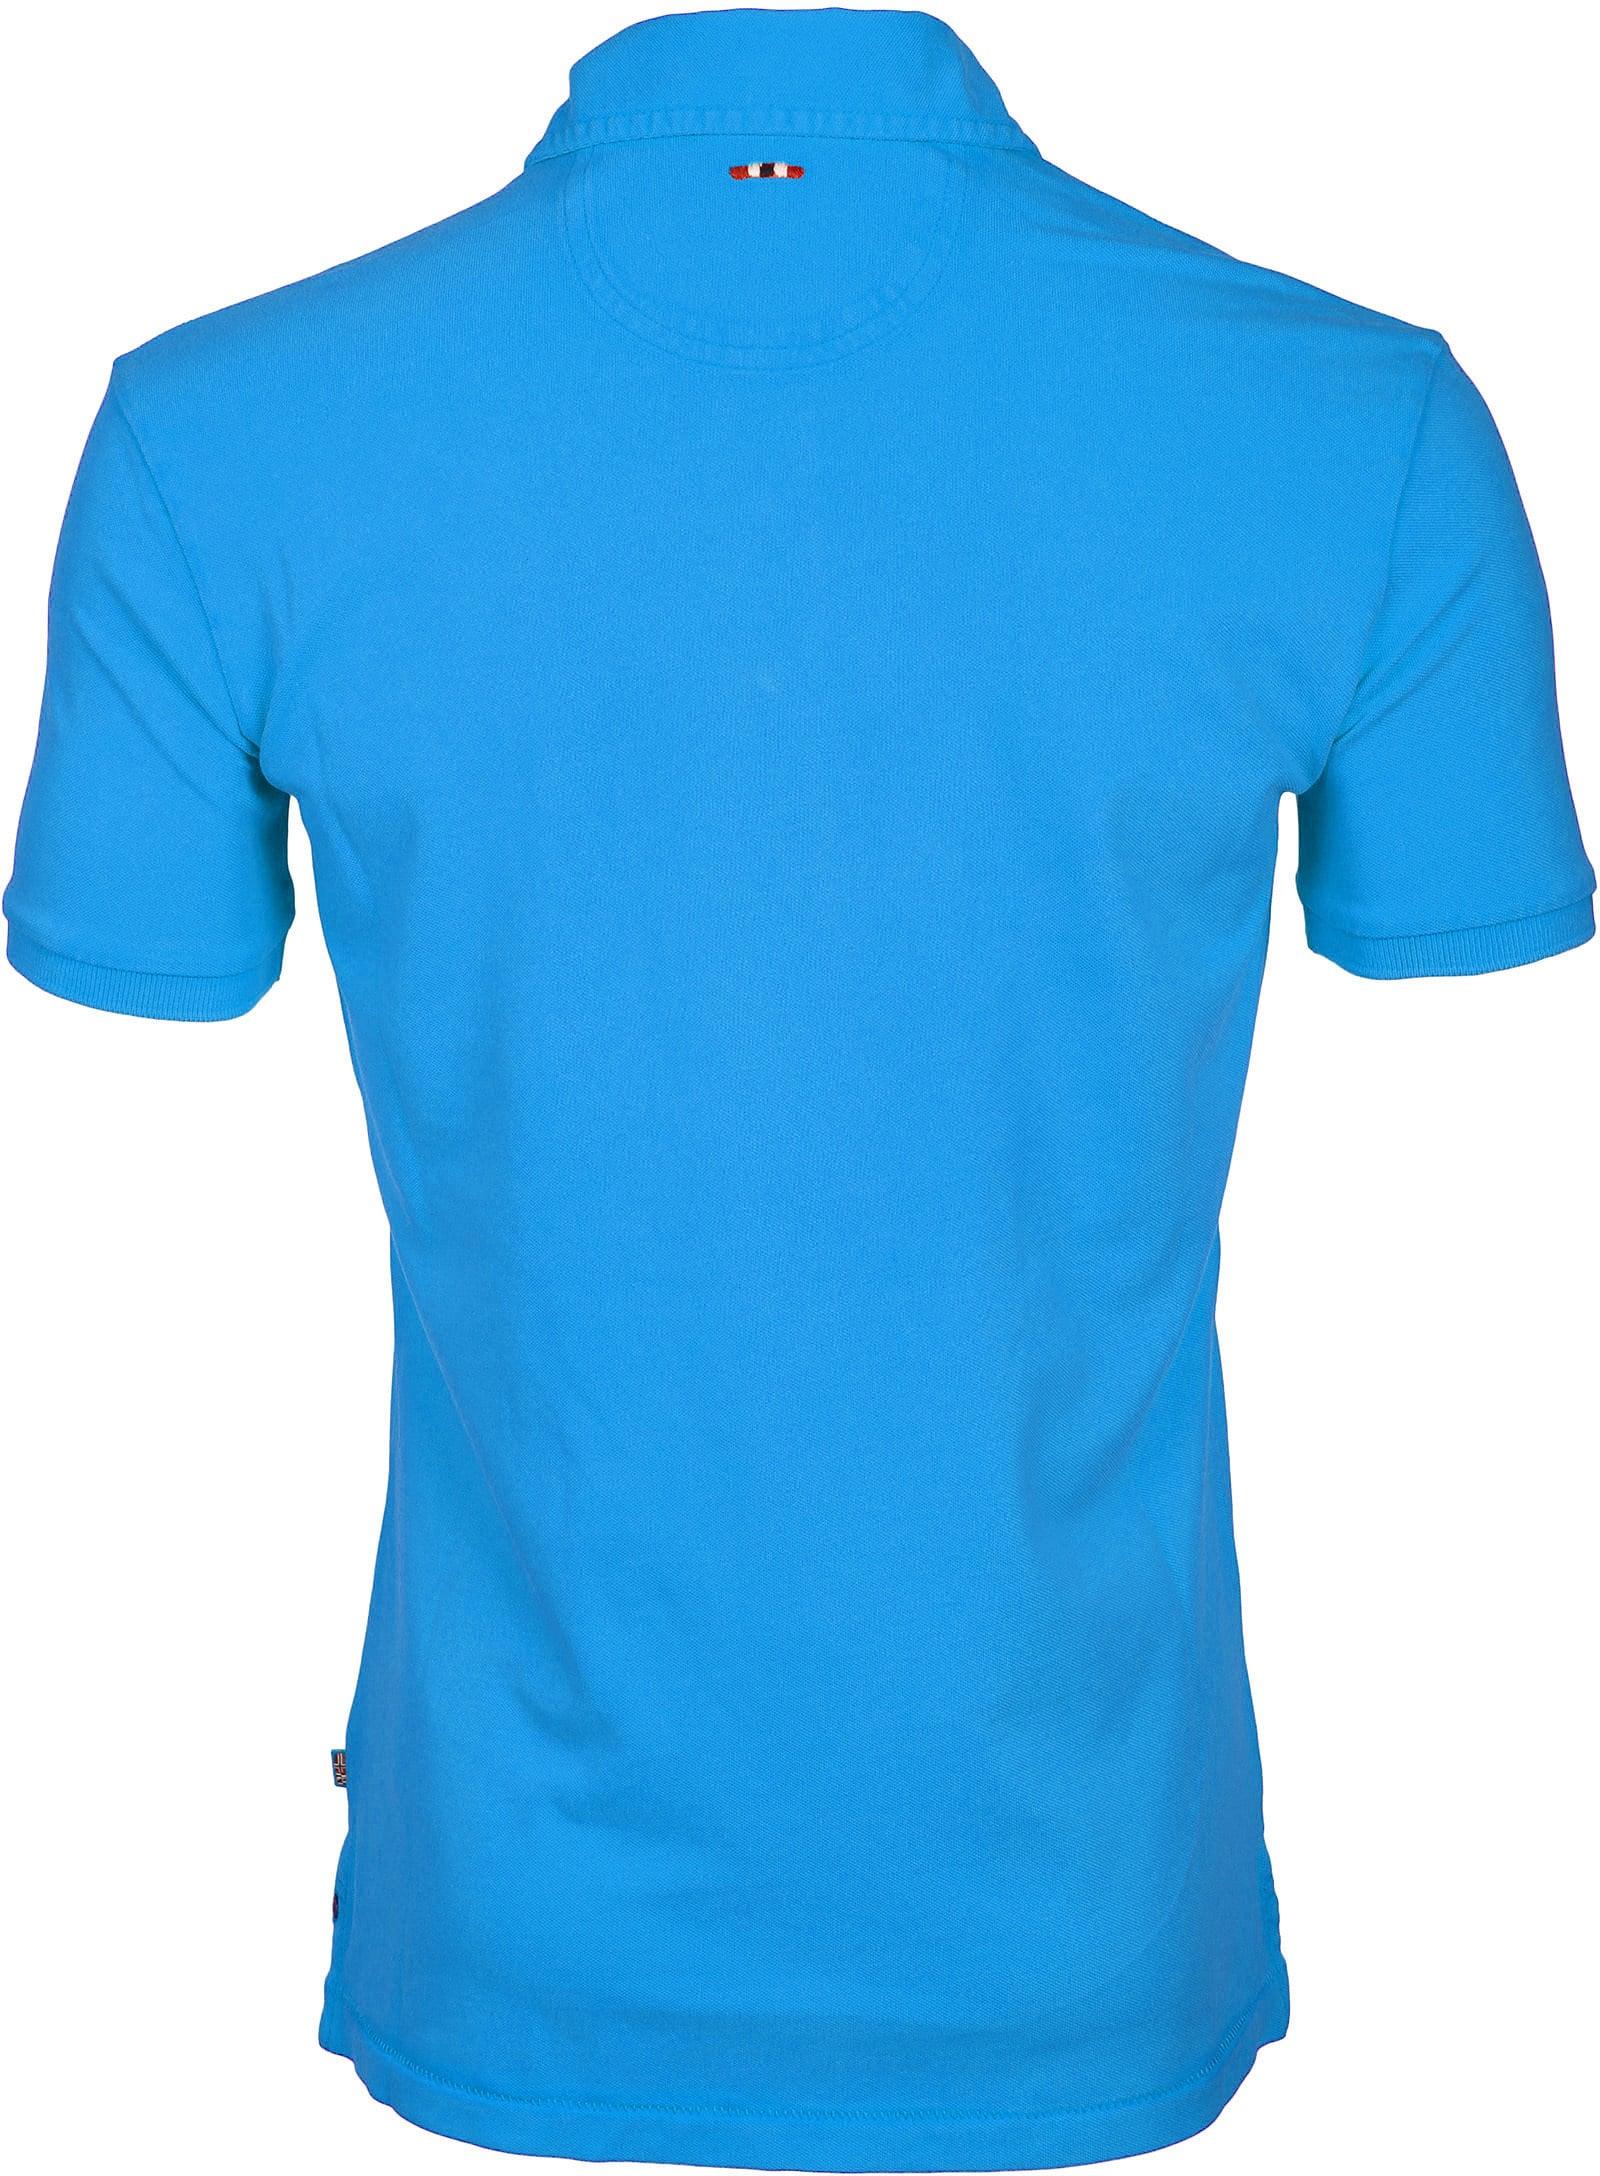 Napapijri Polo Stretch Elbas Turquoise foto 2